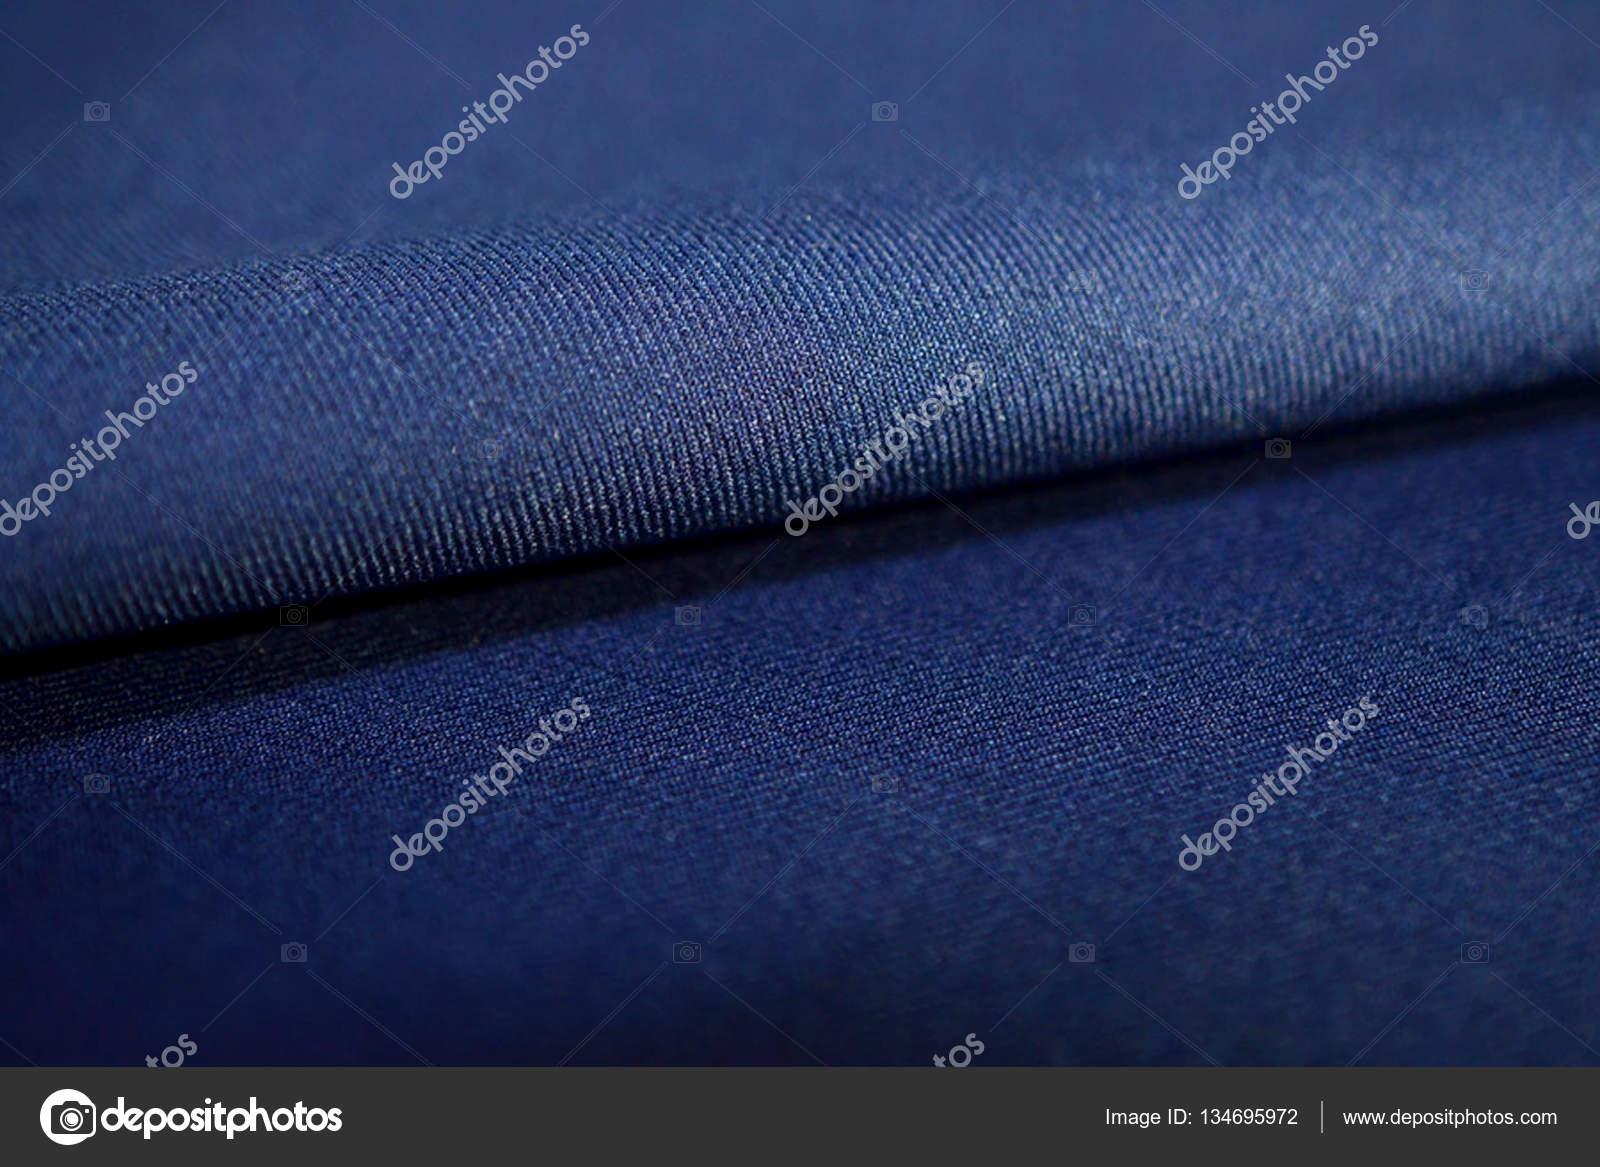 proche jusqu'à rouleau tissu texture bleu marine de couleur